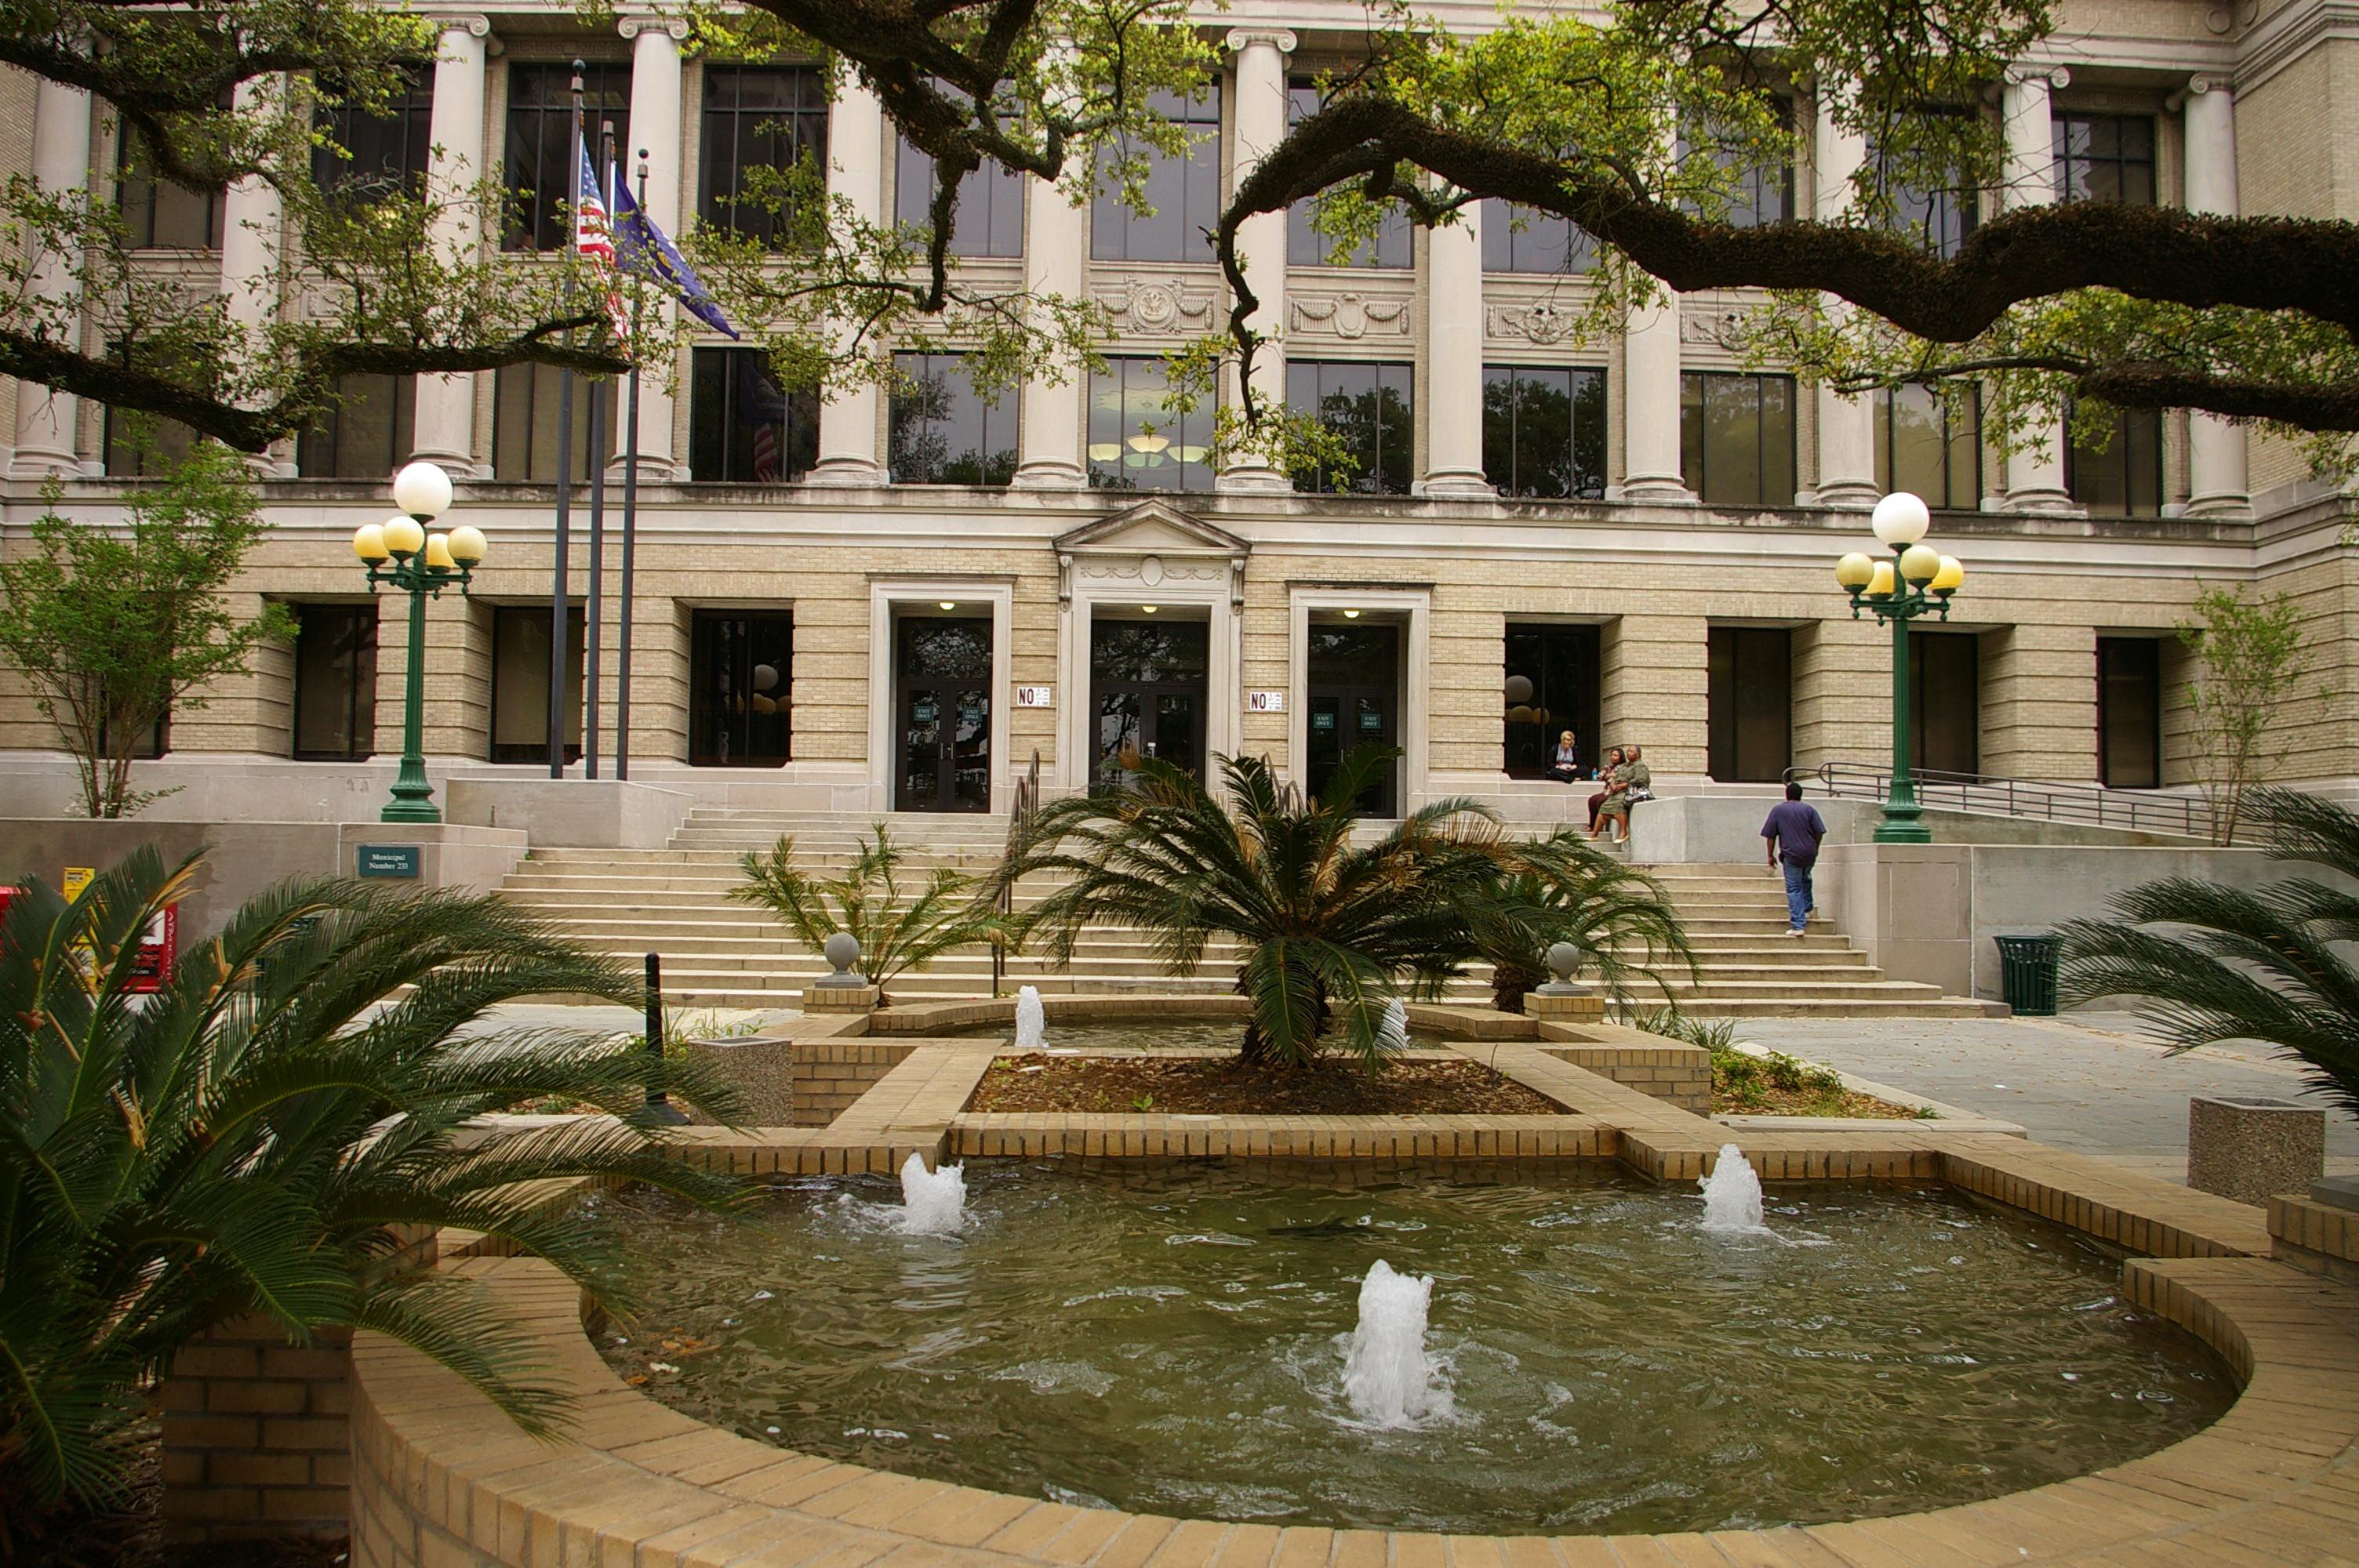 East Baton Rouge Parish Us Courthouses